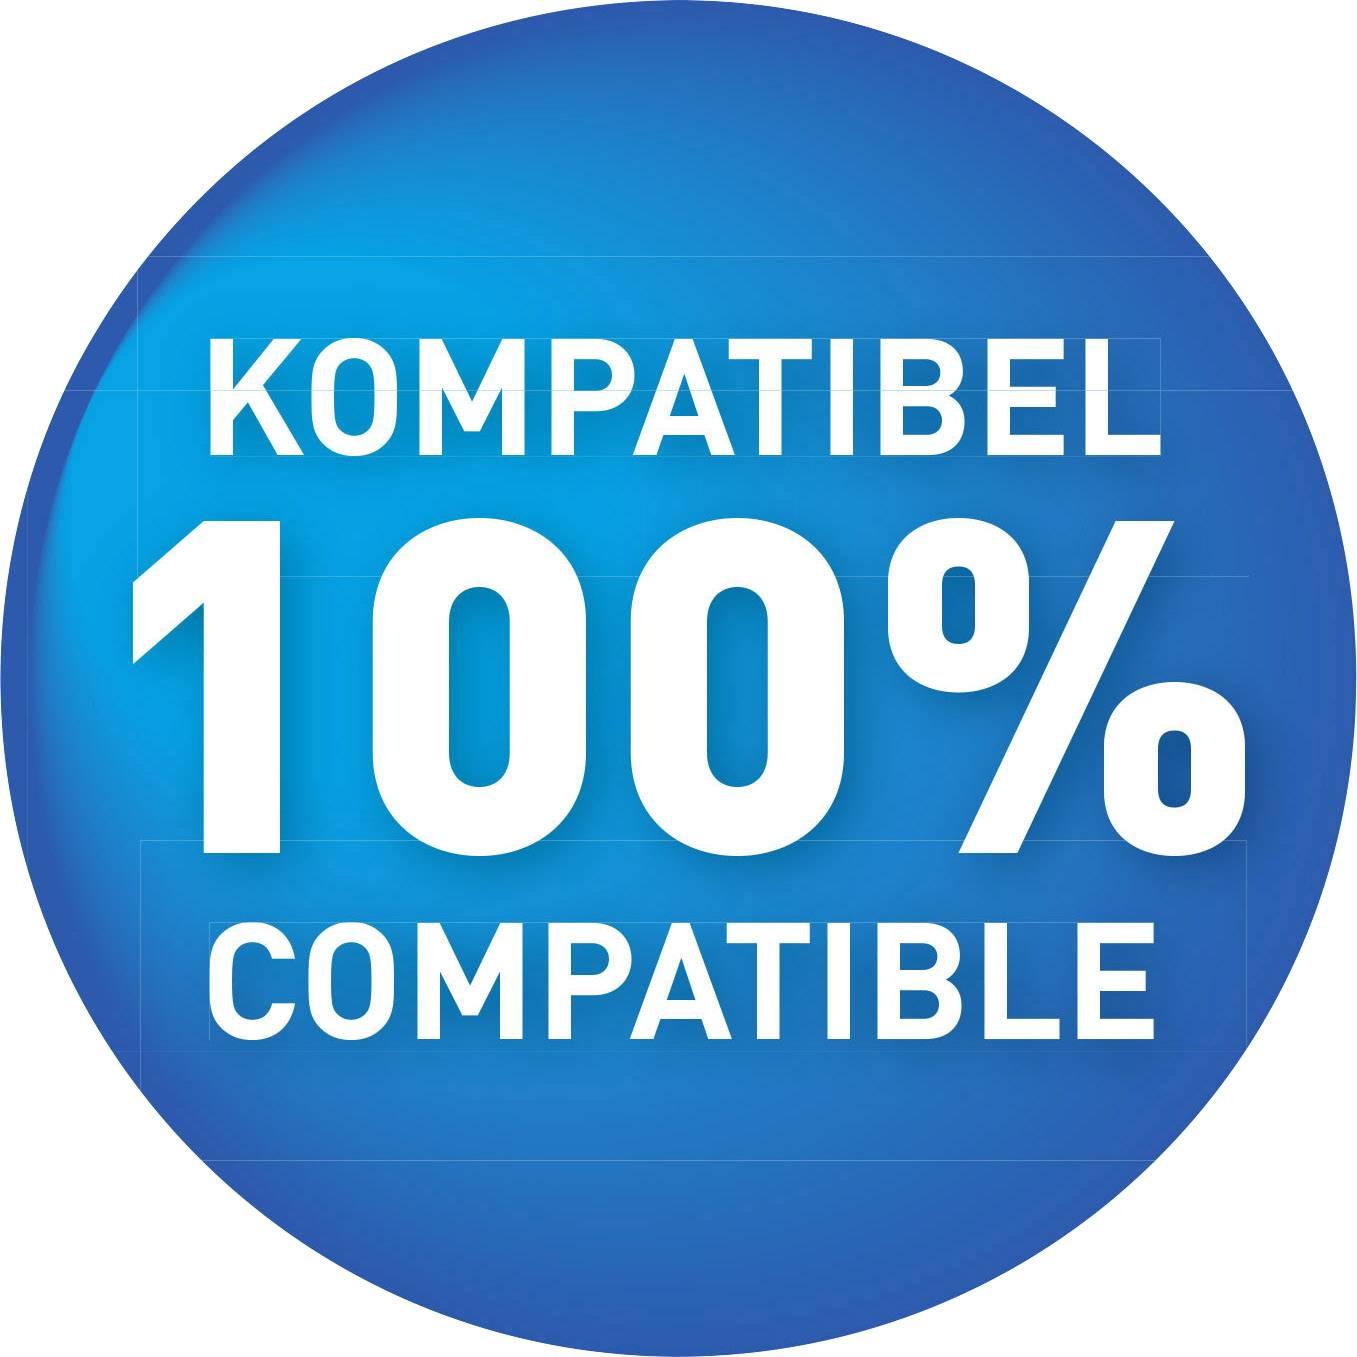 Kompatibilná sada náplní do tlačiarne KMP B13V 1060,0050, čierna, zelenomodrá, purpurová, žltá